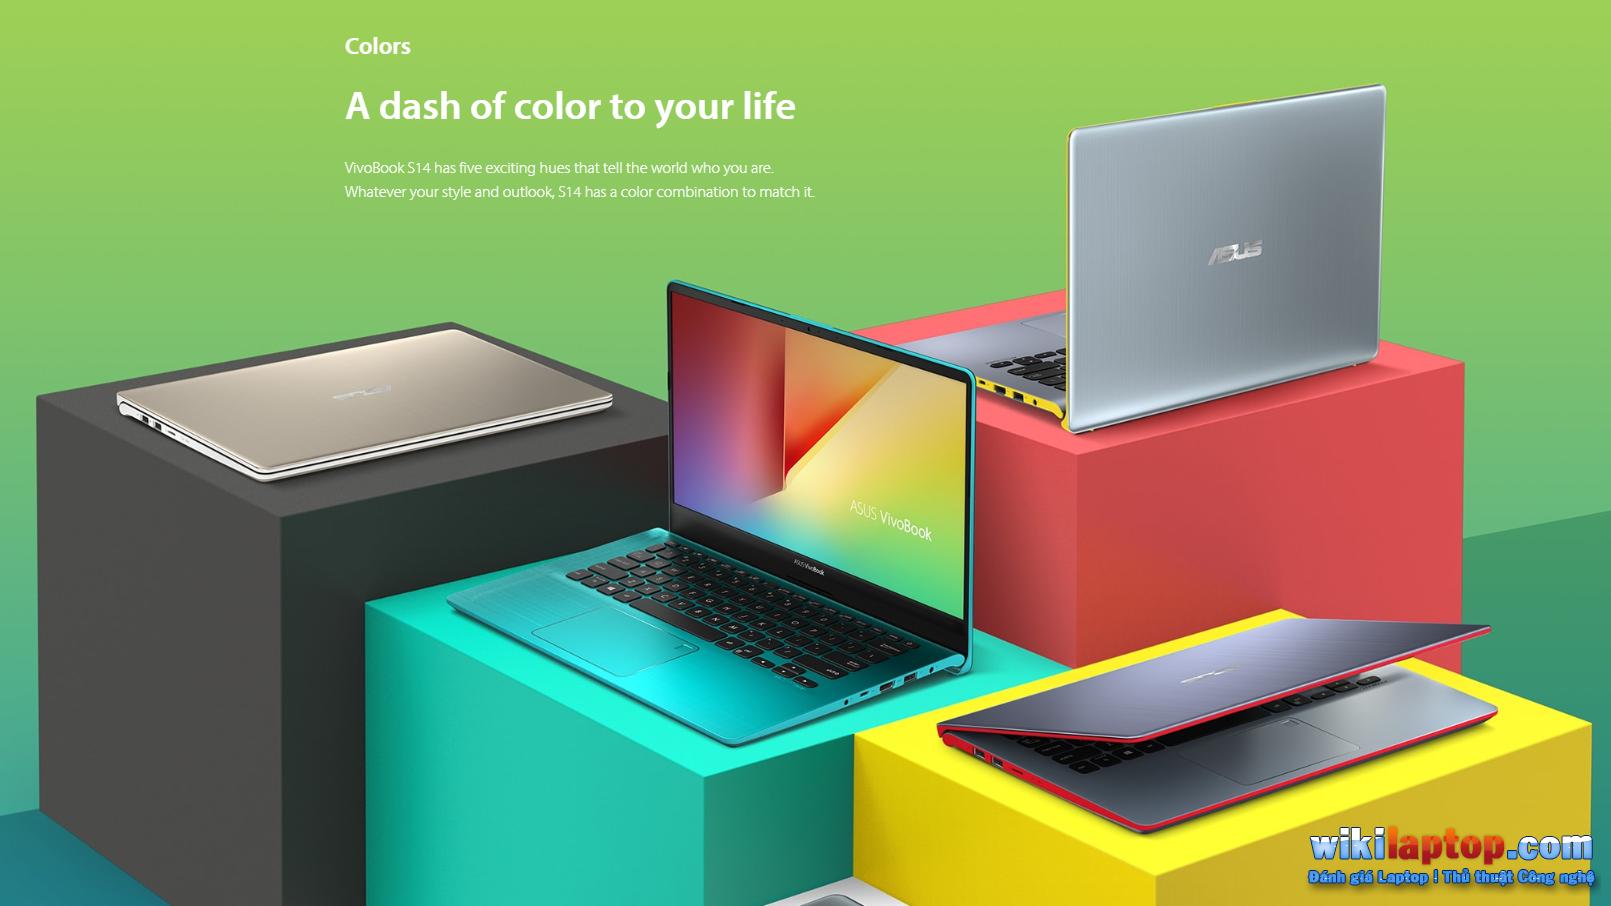 Sforum - Trang thông tin công nghệ mới nhất vivobooks14-4 Sẽ thật thiếu sót nếu bạn không chọn chiếc laptop này với giá 13 triệu đồng !!!